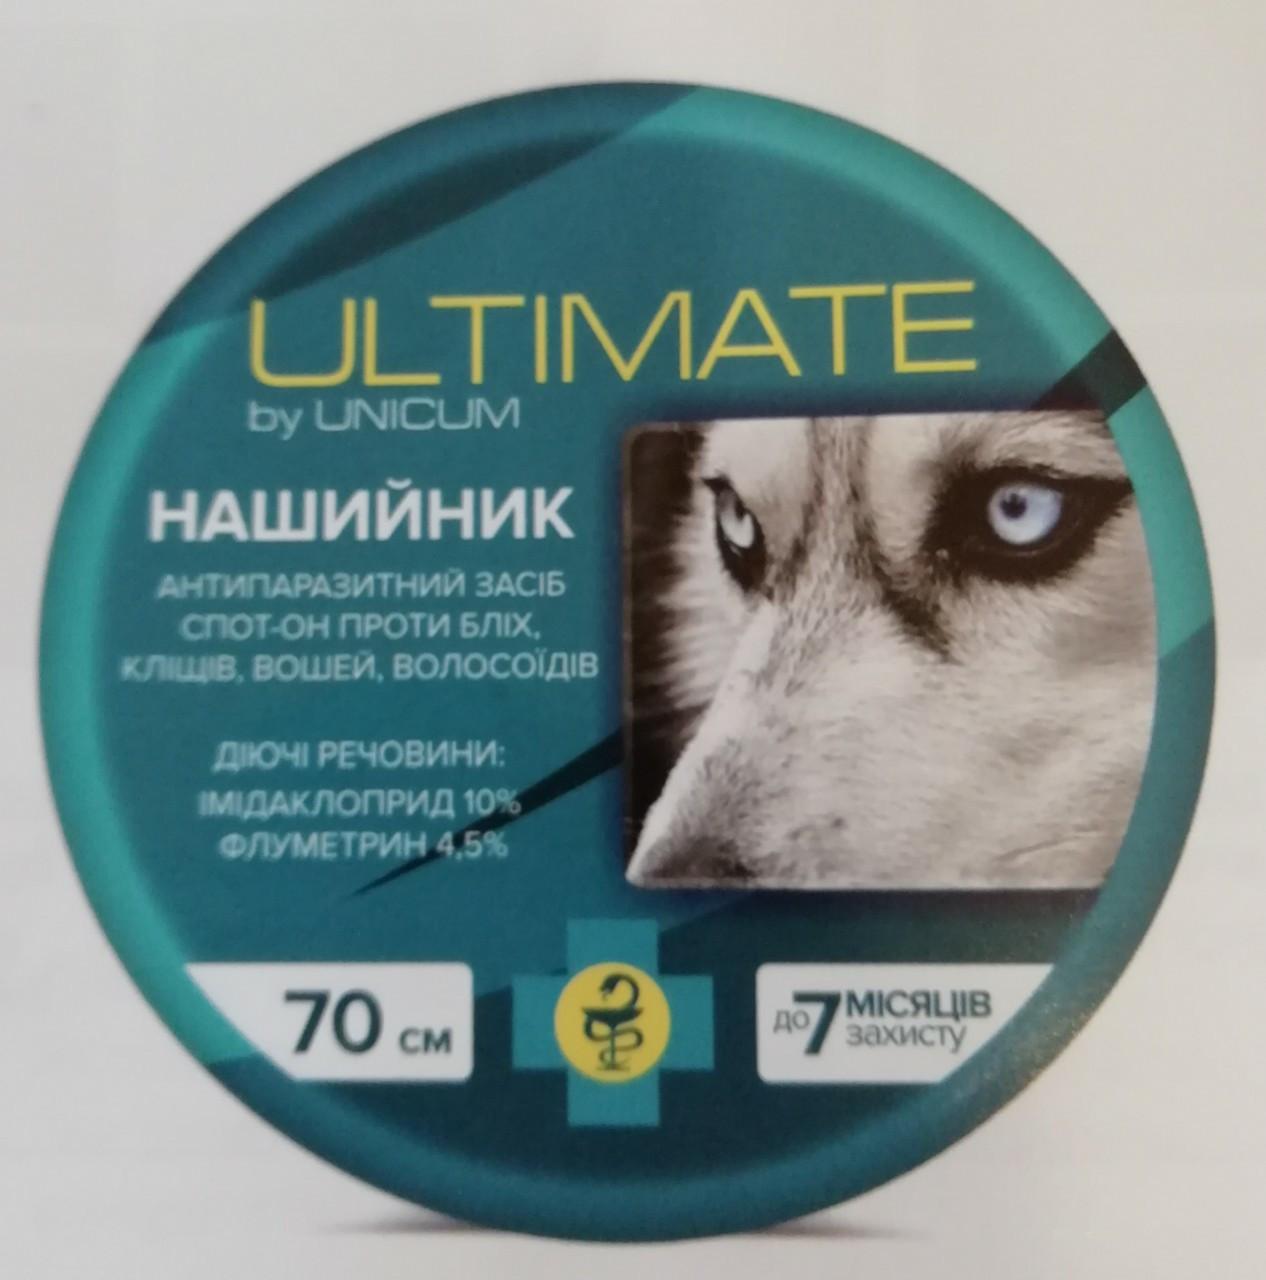 Нашийник Ultimate Ультімат для собак від бліх та кліщів 70 см